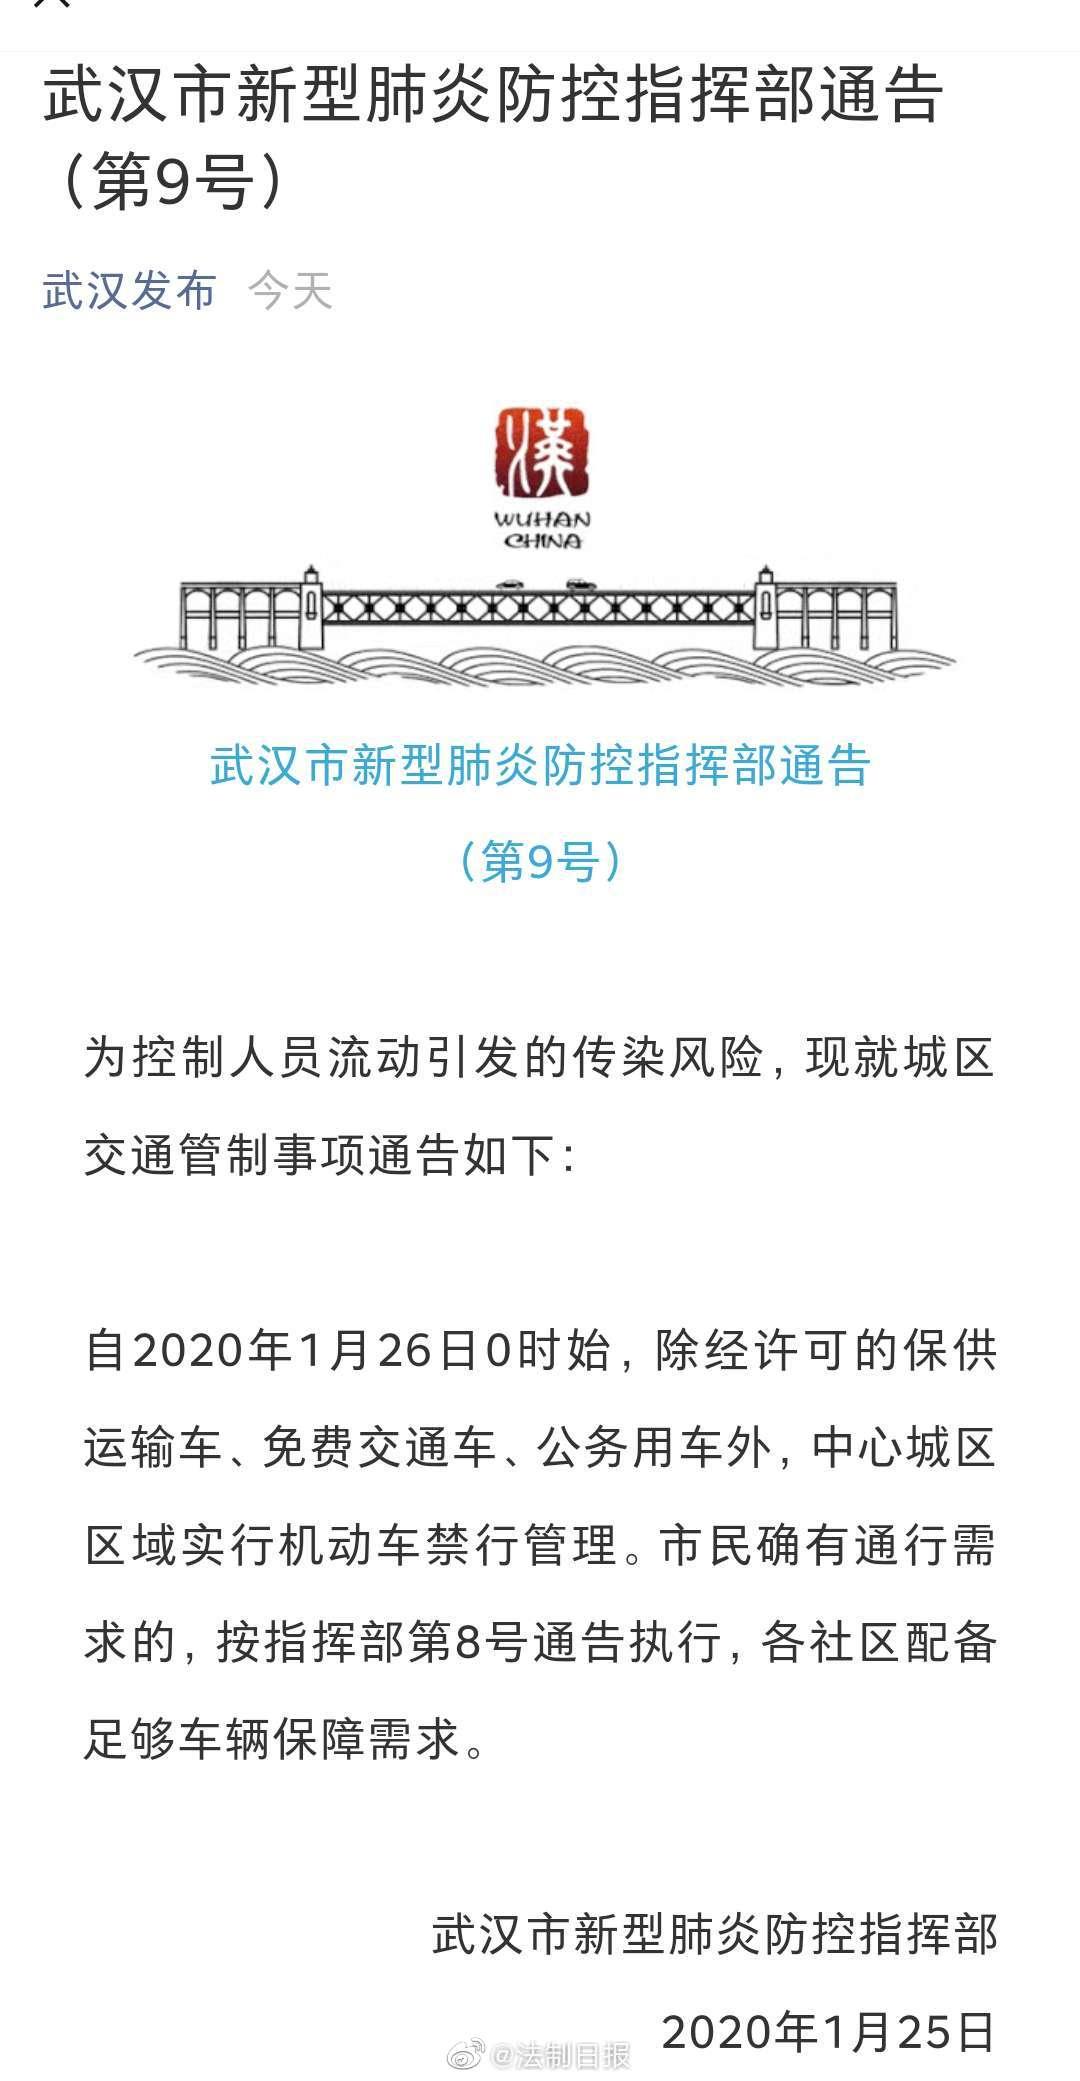 除经许可车辆外,武汉中心城区26日零时起全面禁行机动车